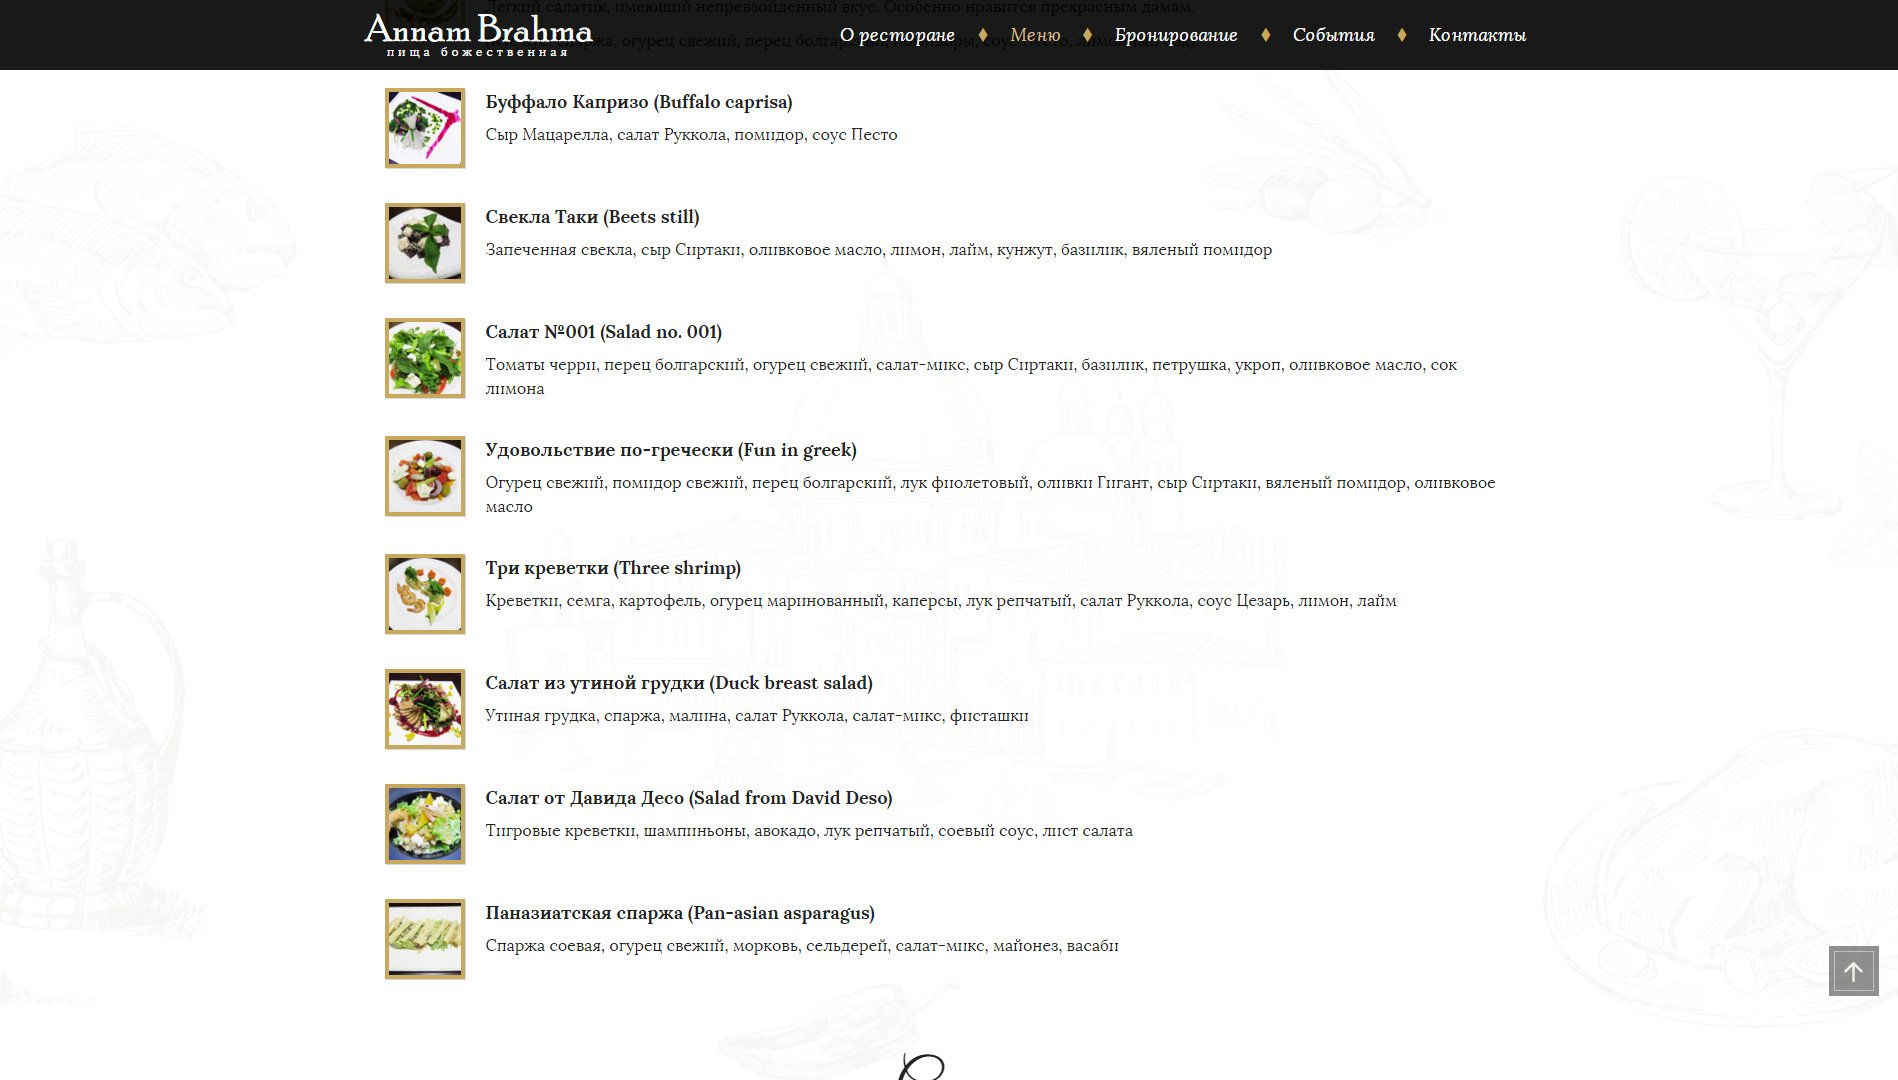 Создание сайта ресторана Annam Brahma в Оренбурге